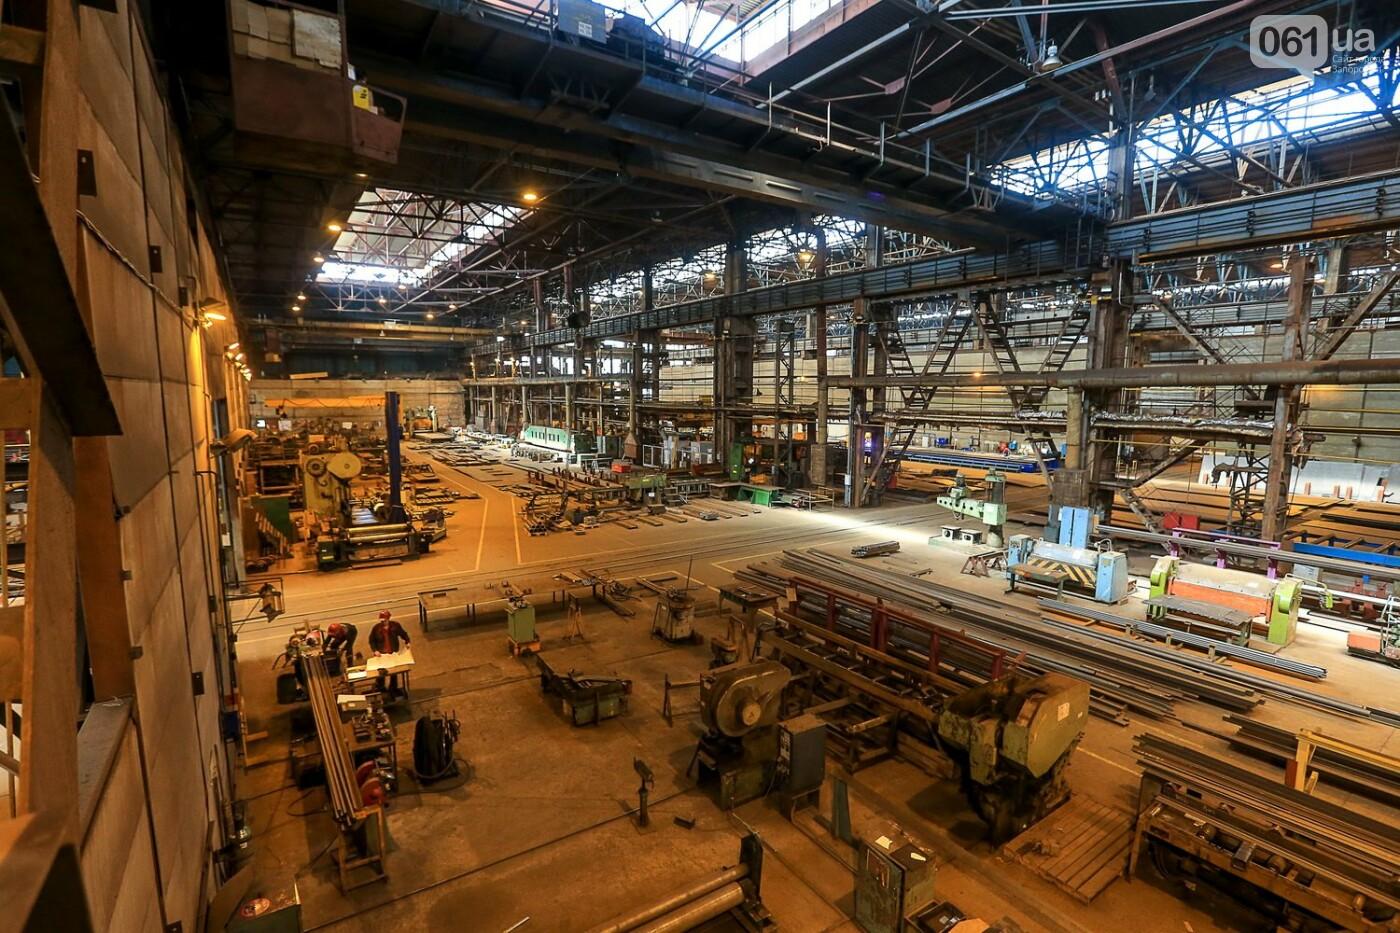 Как в Запорожье работает крупнейший в Европе завод по производству кранов: экскурсия на производство, — ФОТОРЕПОРТАЖ, фото-9